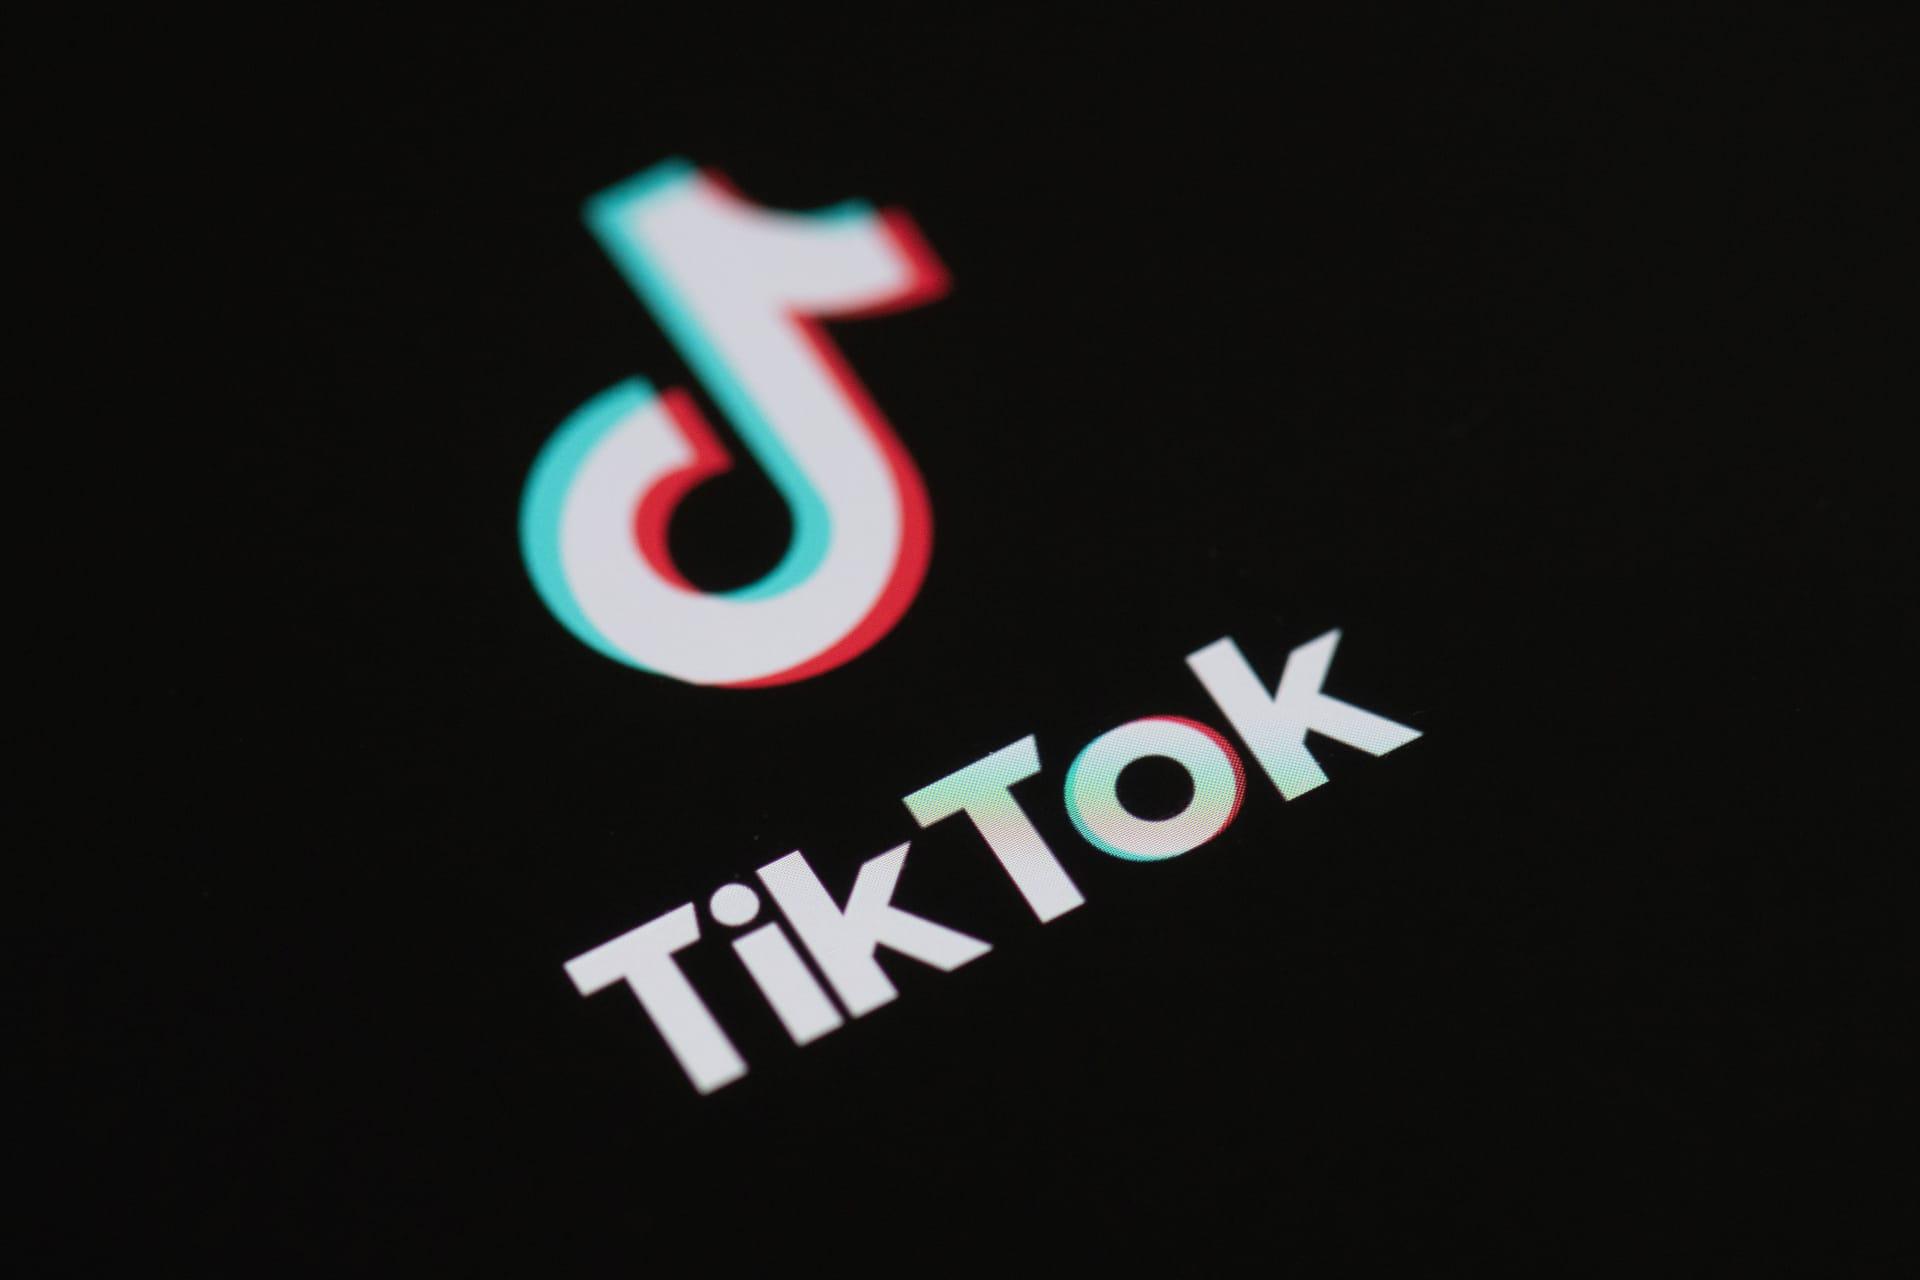 """مايكروسوفت تجري مباحثات لشراء تيك توك.. وترامب يستعد لإصدار أمر """"إجباري"""" بشأنه"""